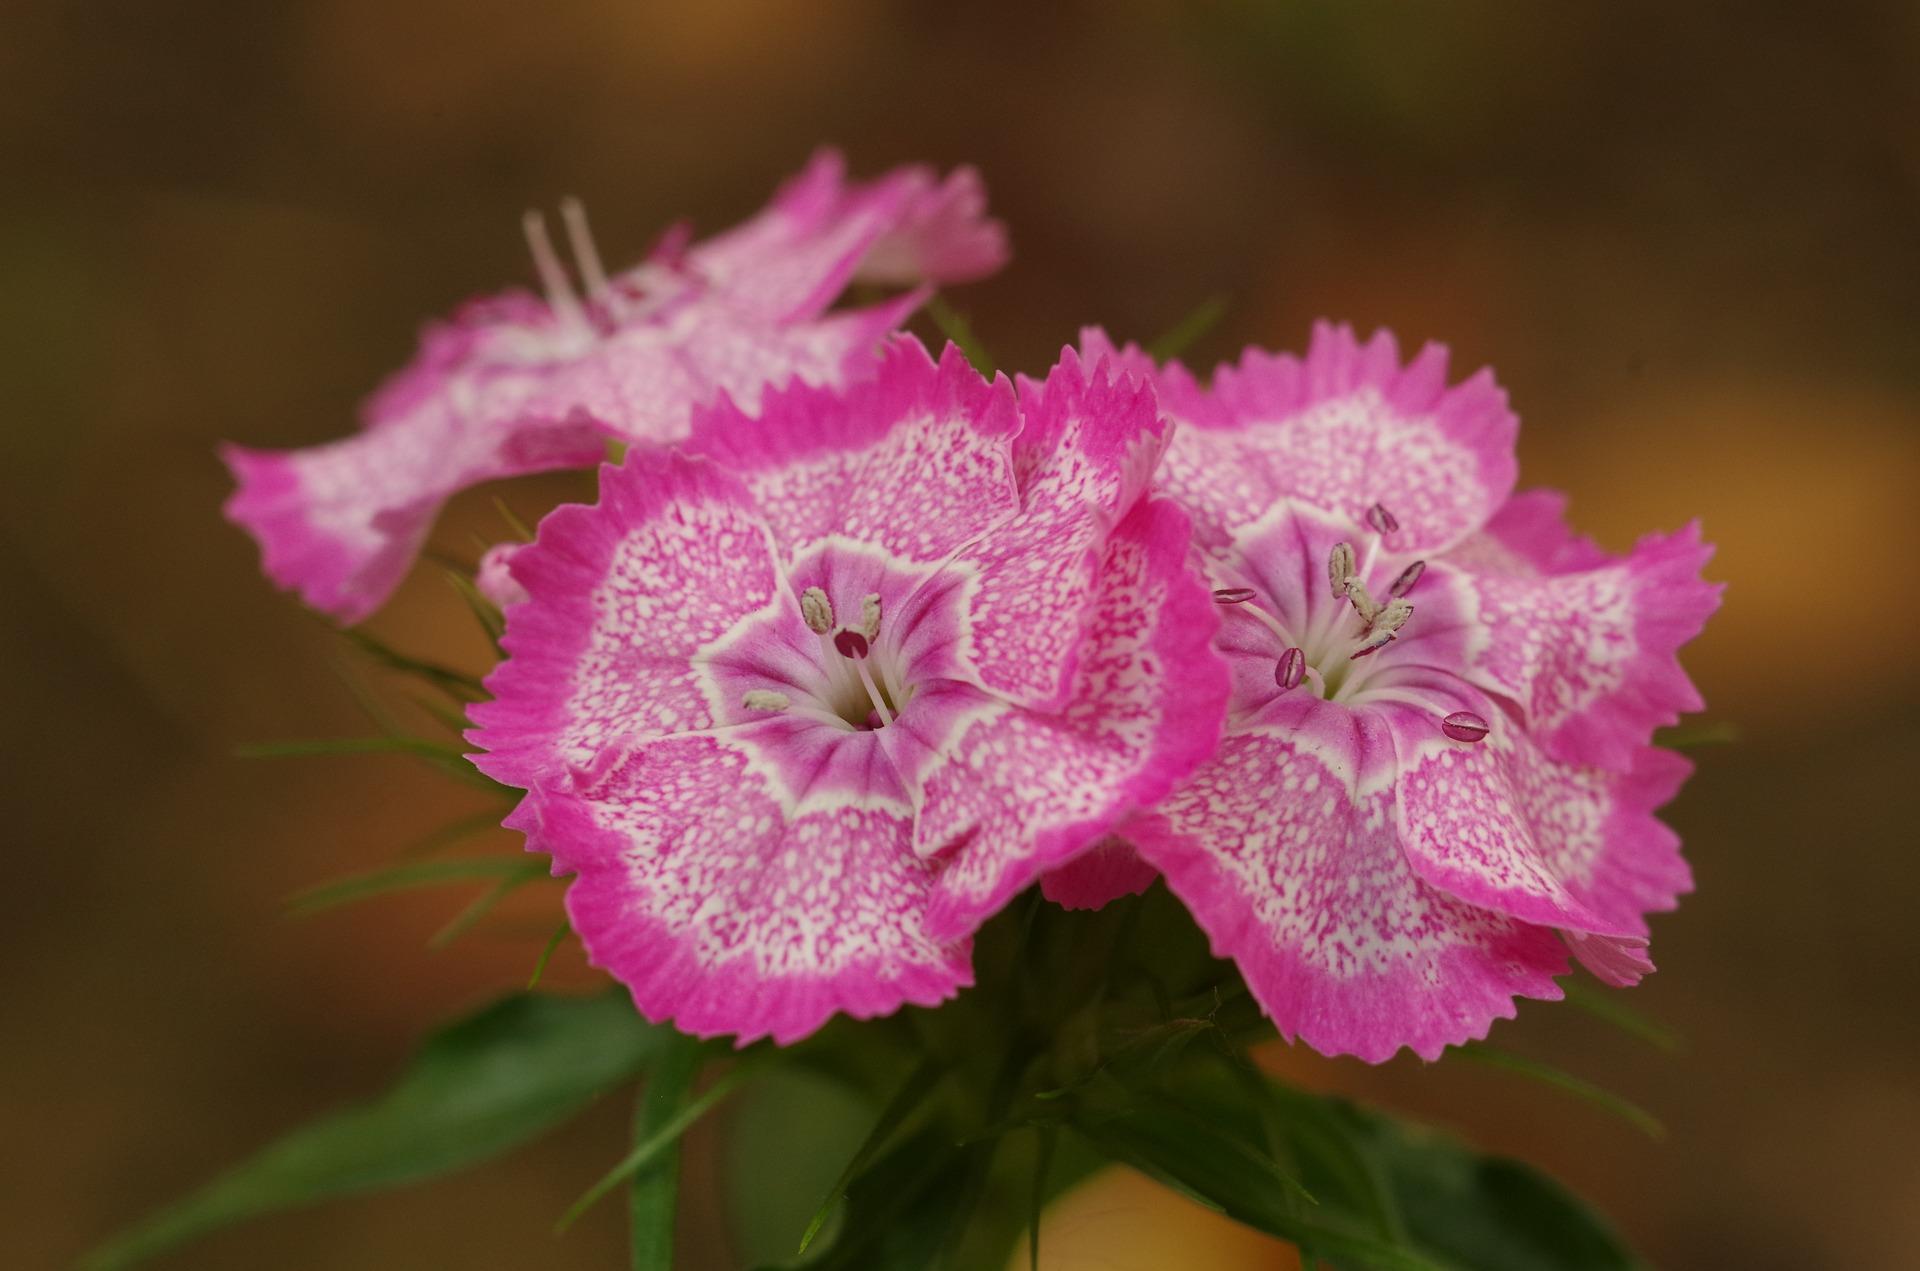 pink-flowers-3249628_1920.jpg